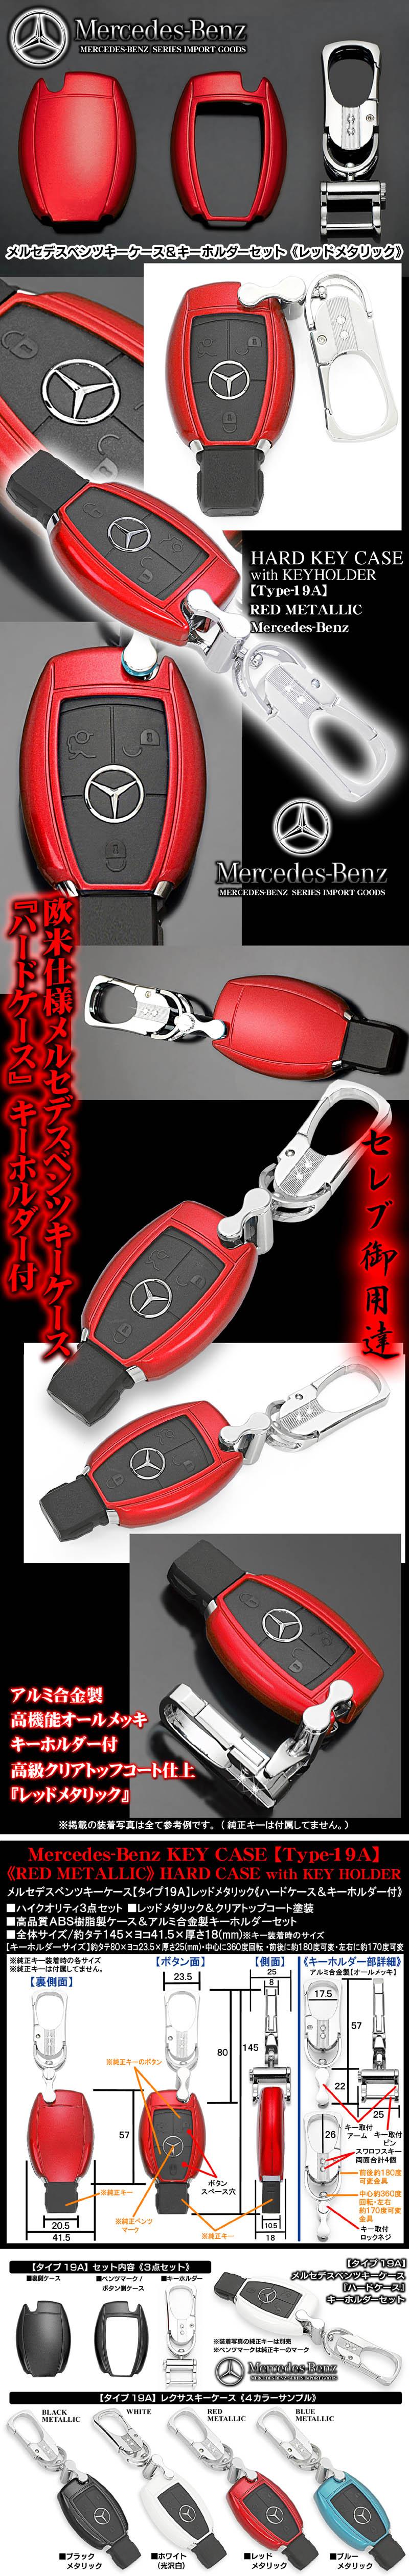 メルセデスベンツキーケース【タイプ19A/レッドメタリック】ハードケース/キーホルダーセット/ 欧州Mercedes-Benzショップ仕様/ブラガ